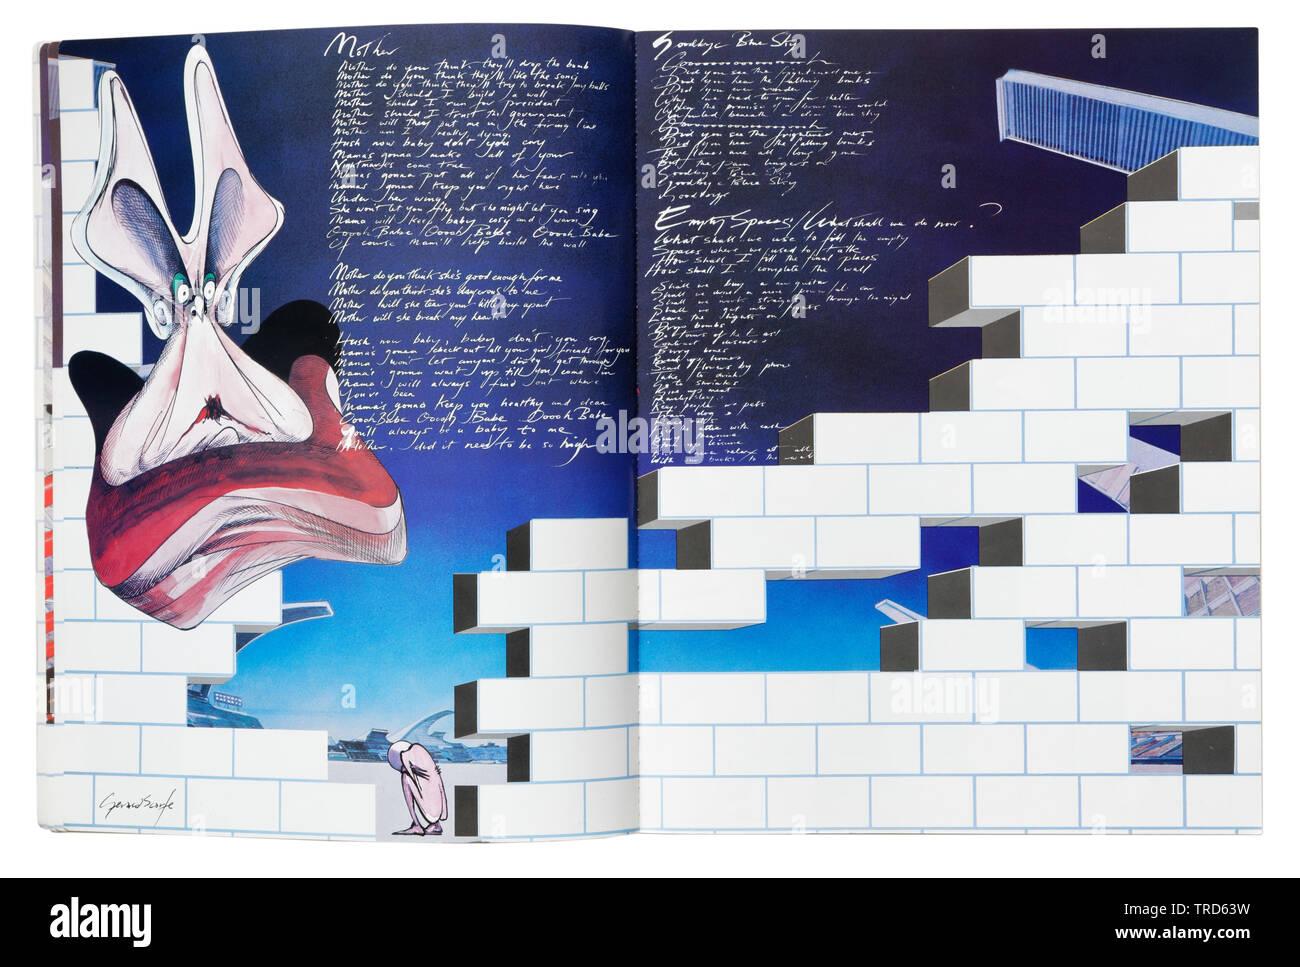 Le illustrazioni dal film di Gerald Scarfe e parole di una canzone di Pink Floyd la parete guitar tablature prenota Immagini Stock